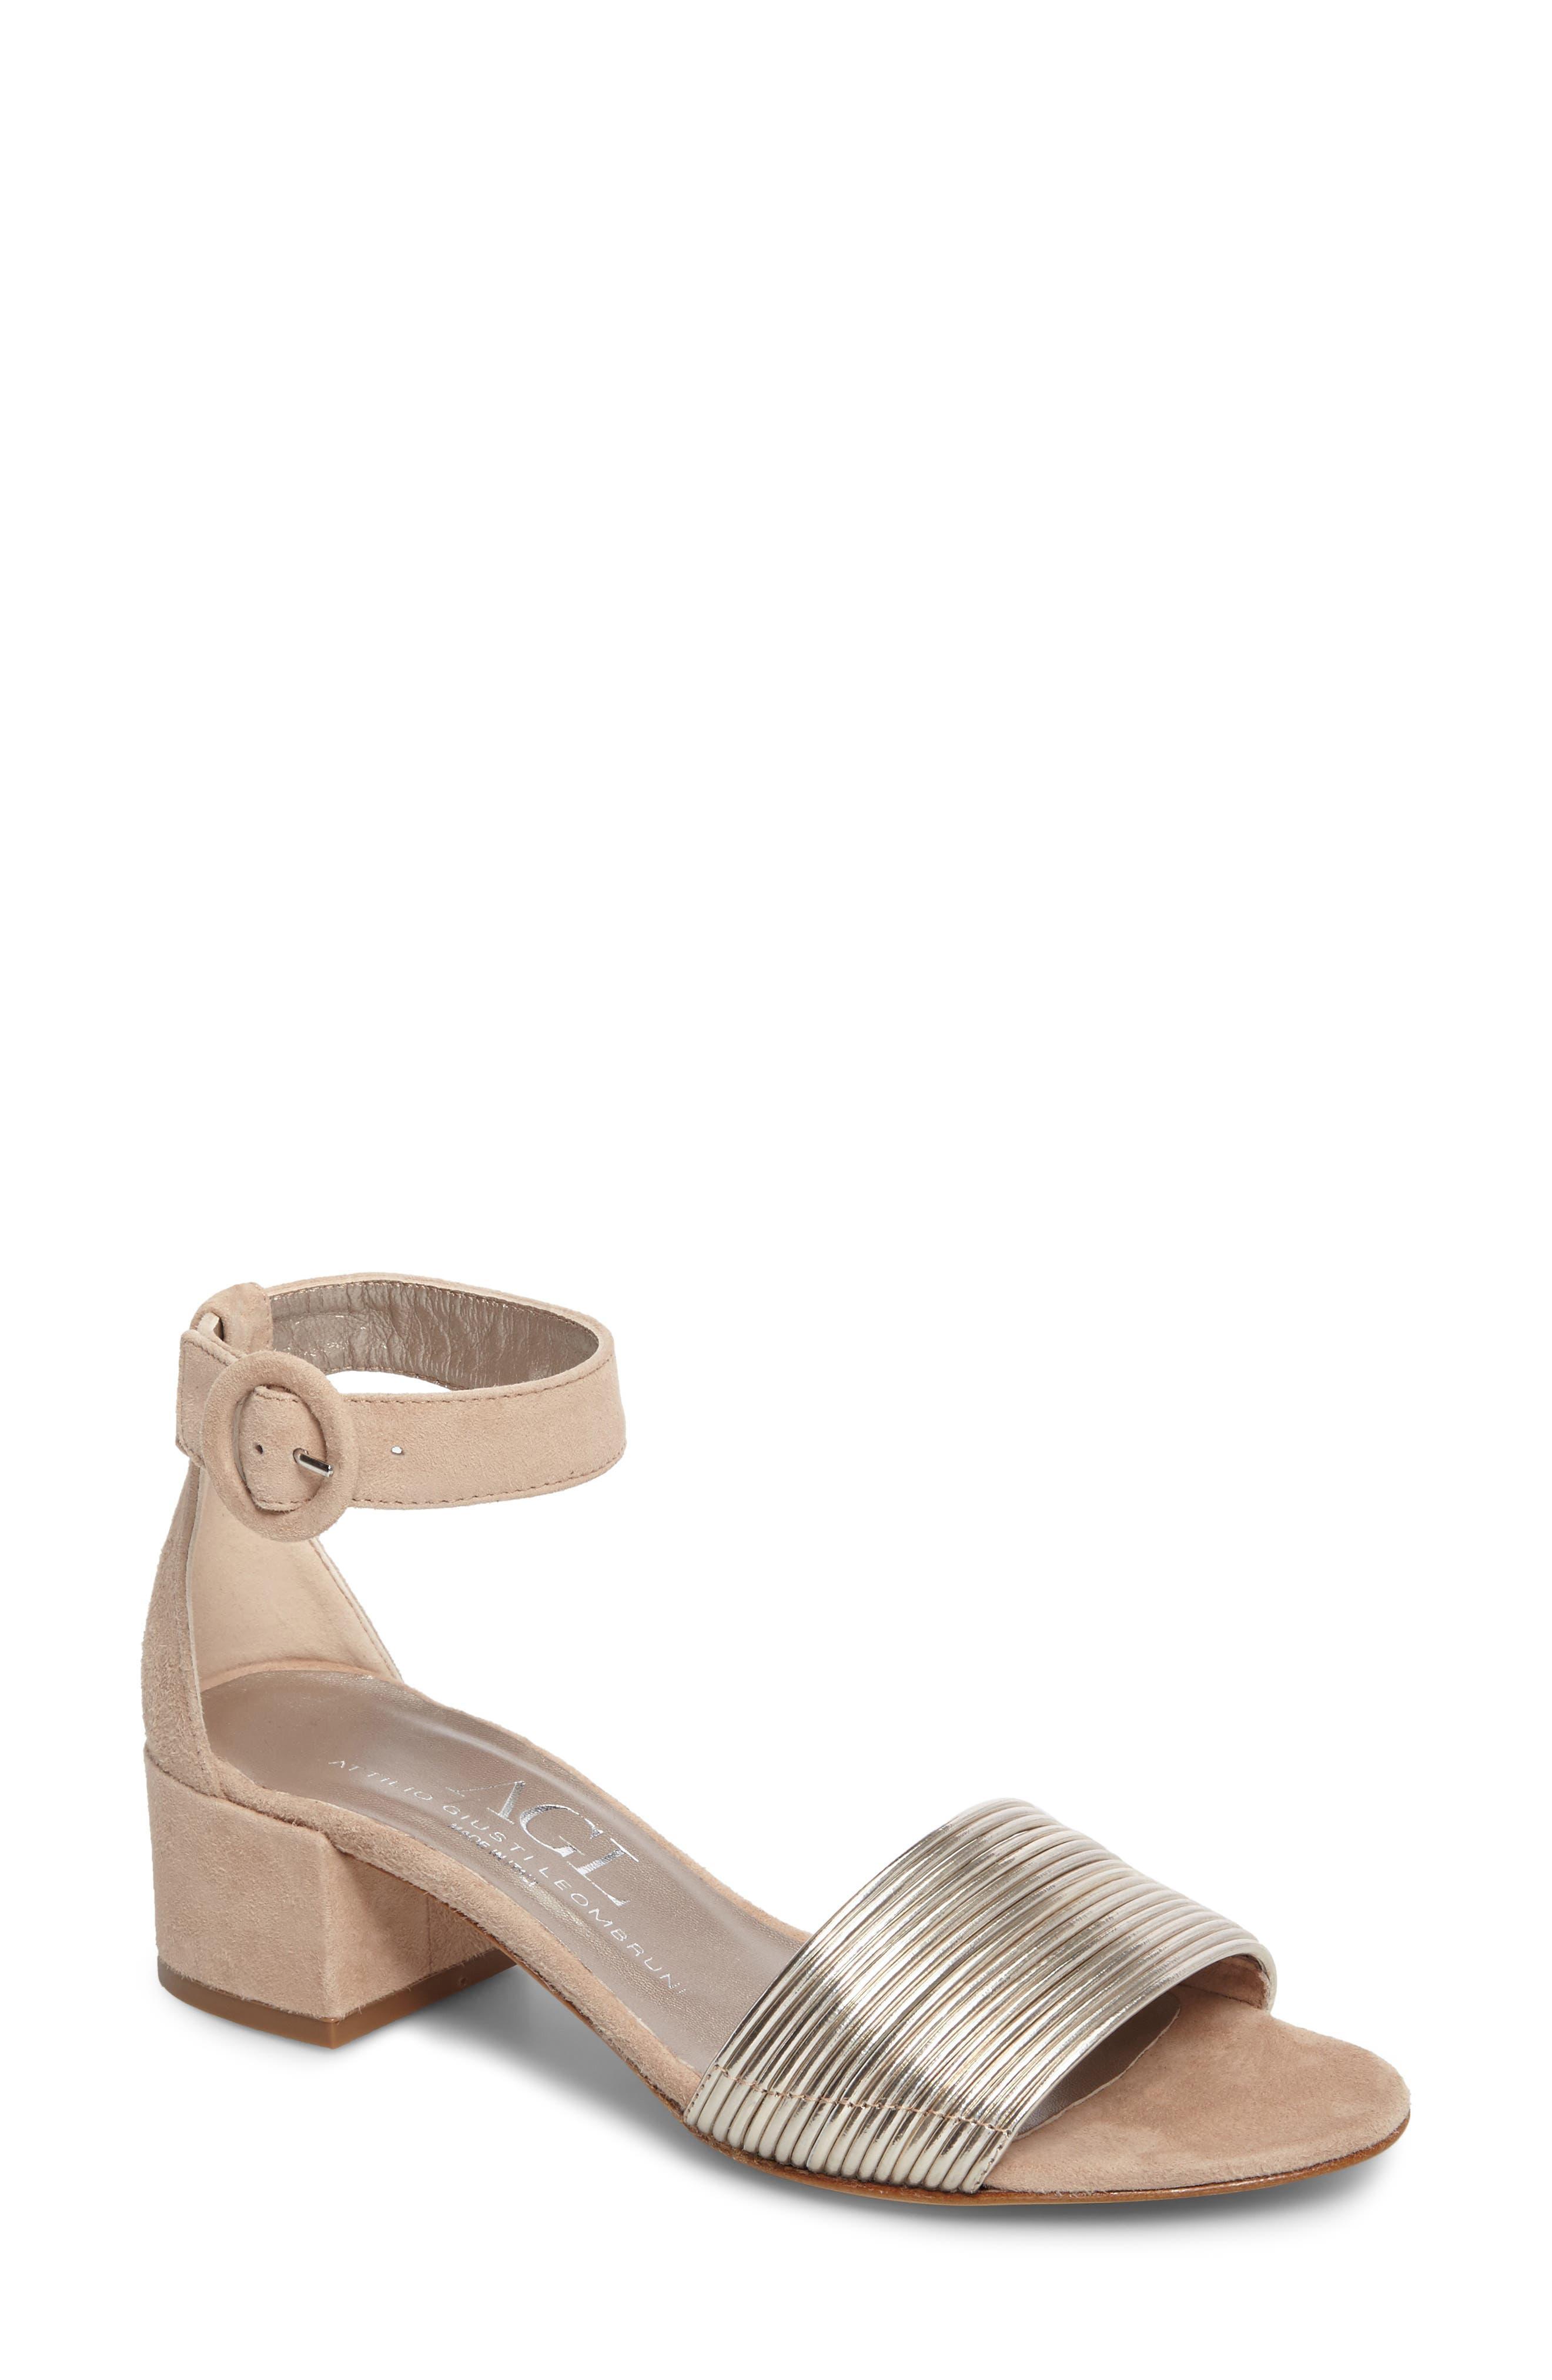 Ankle Strap Sandal,                         Main,                         color, PLATINUM SUEDE